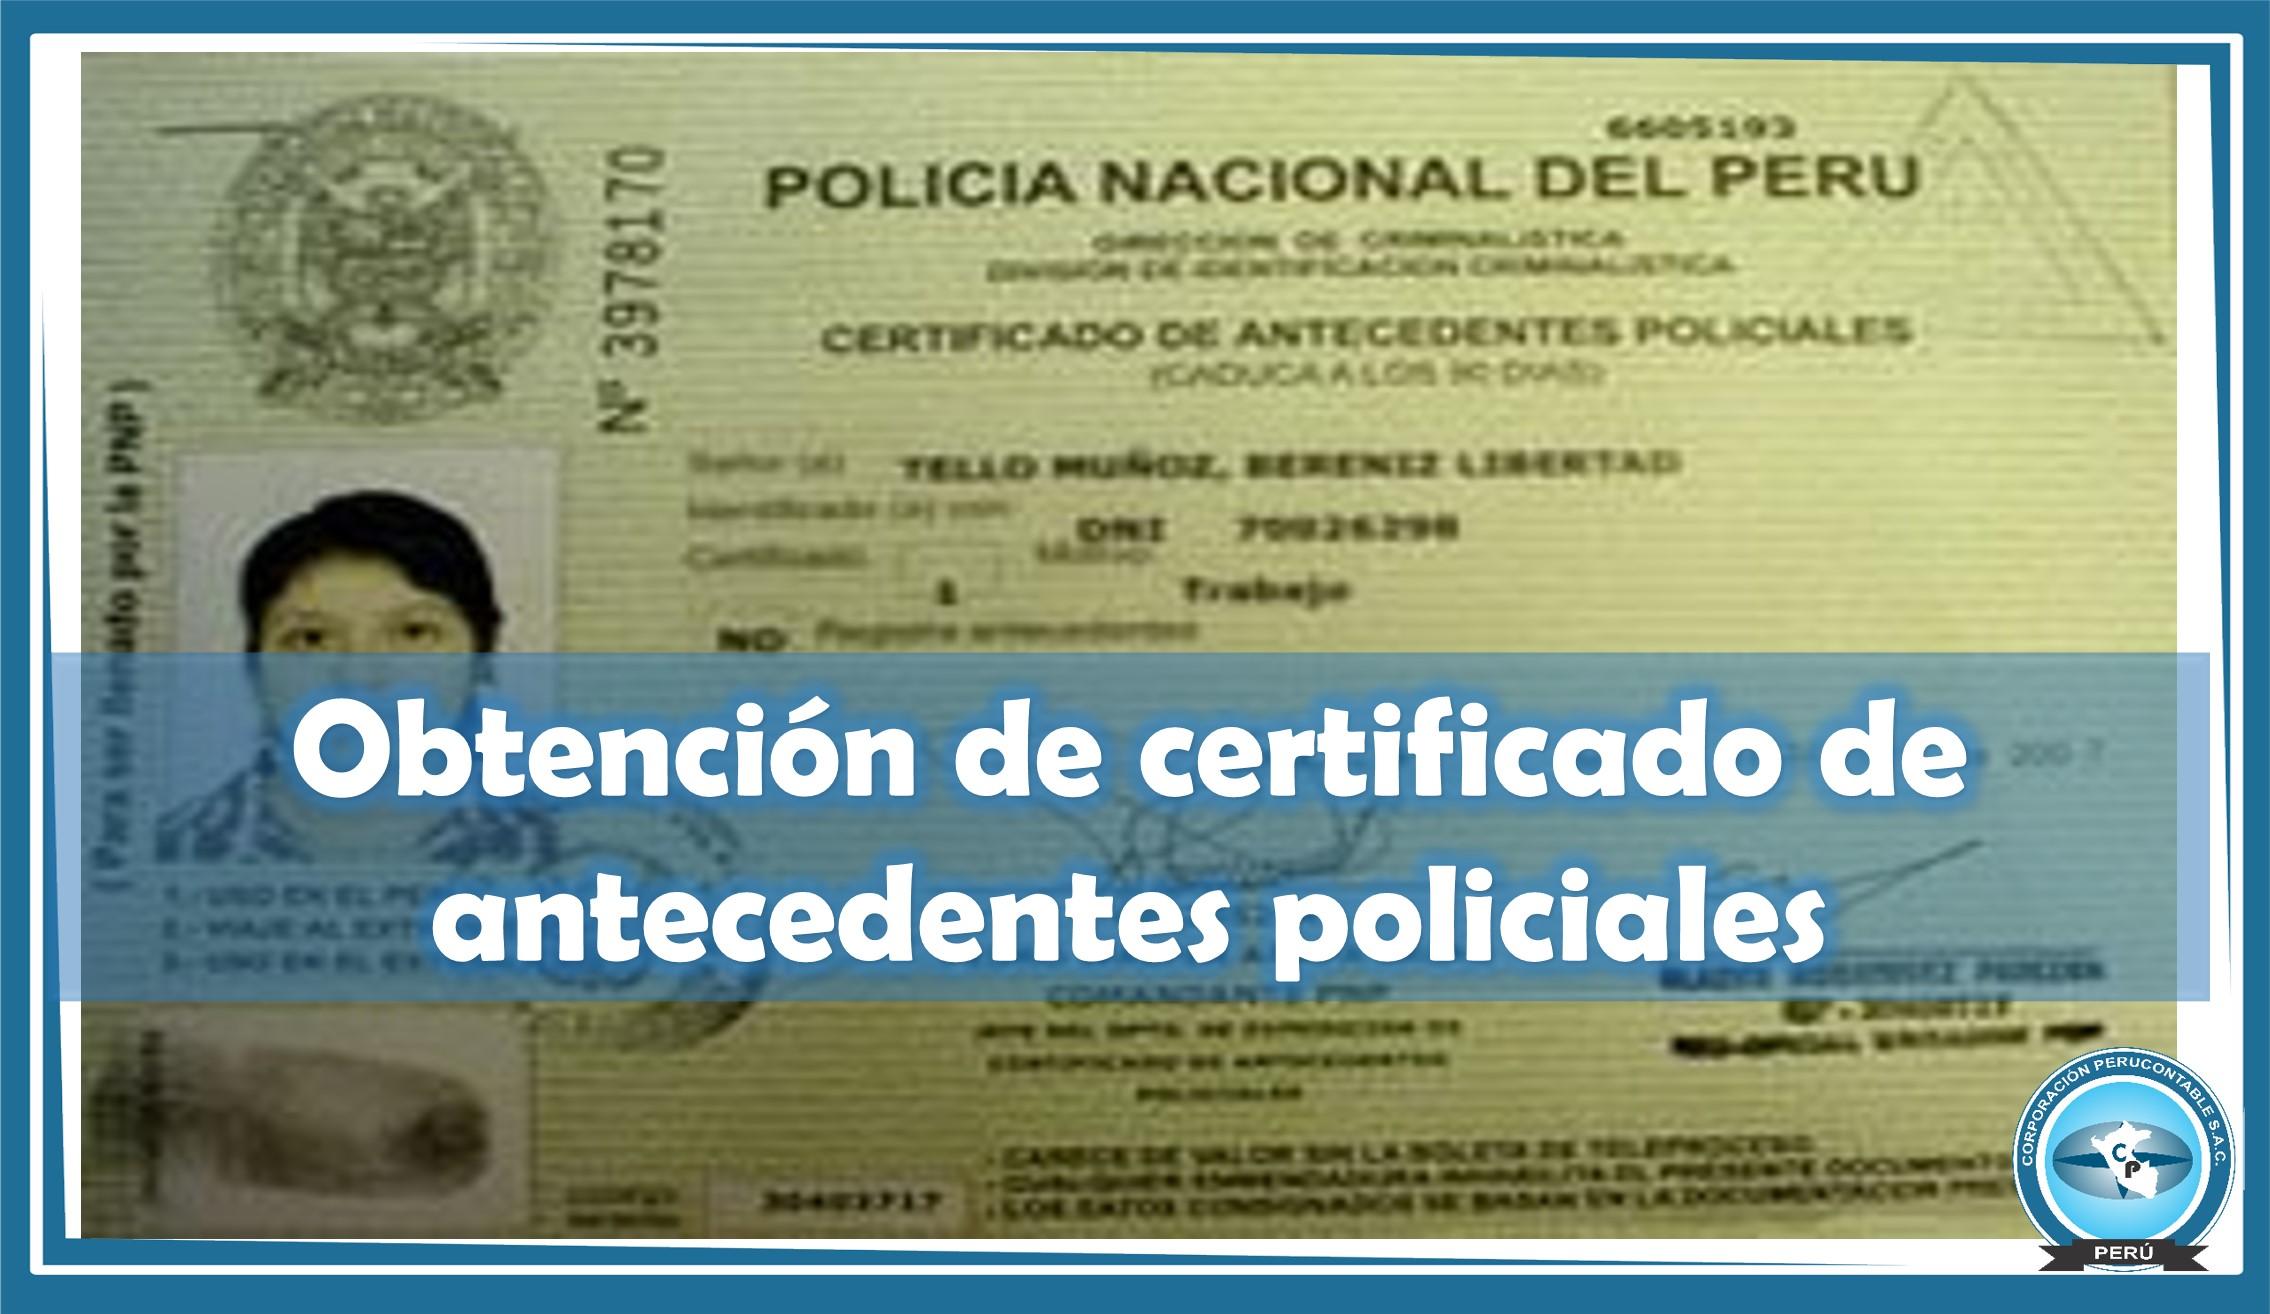 Cómo obtener el certificado de antecedentes policiales? | Noticias ...